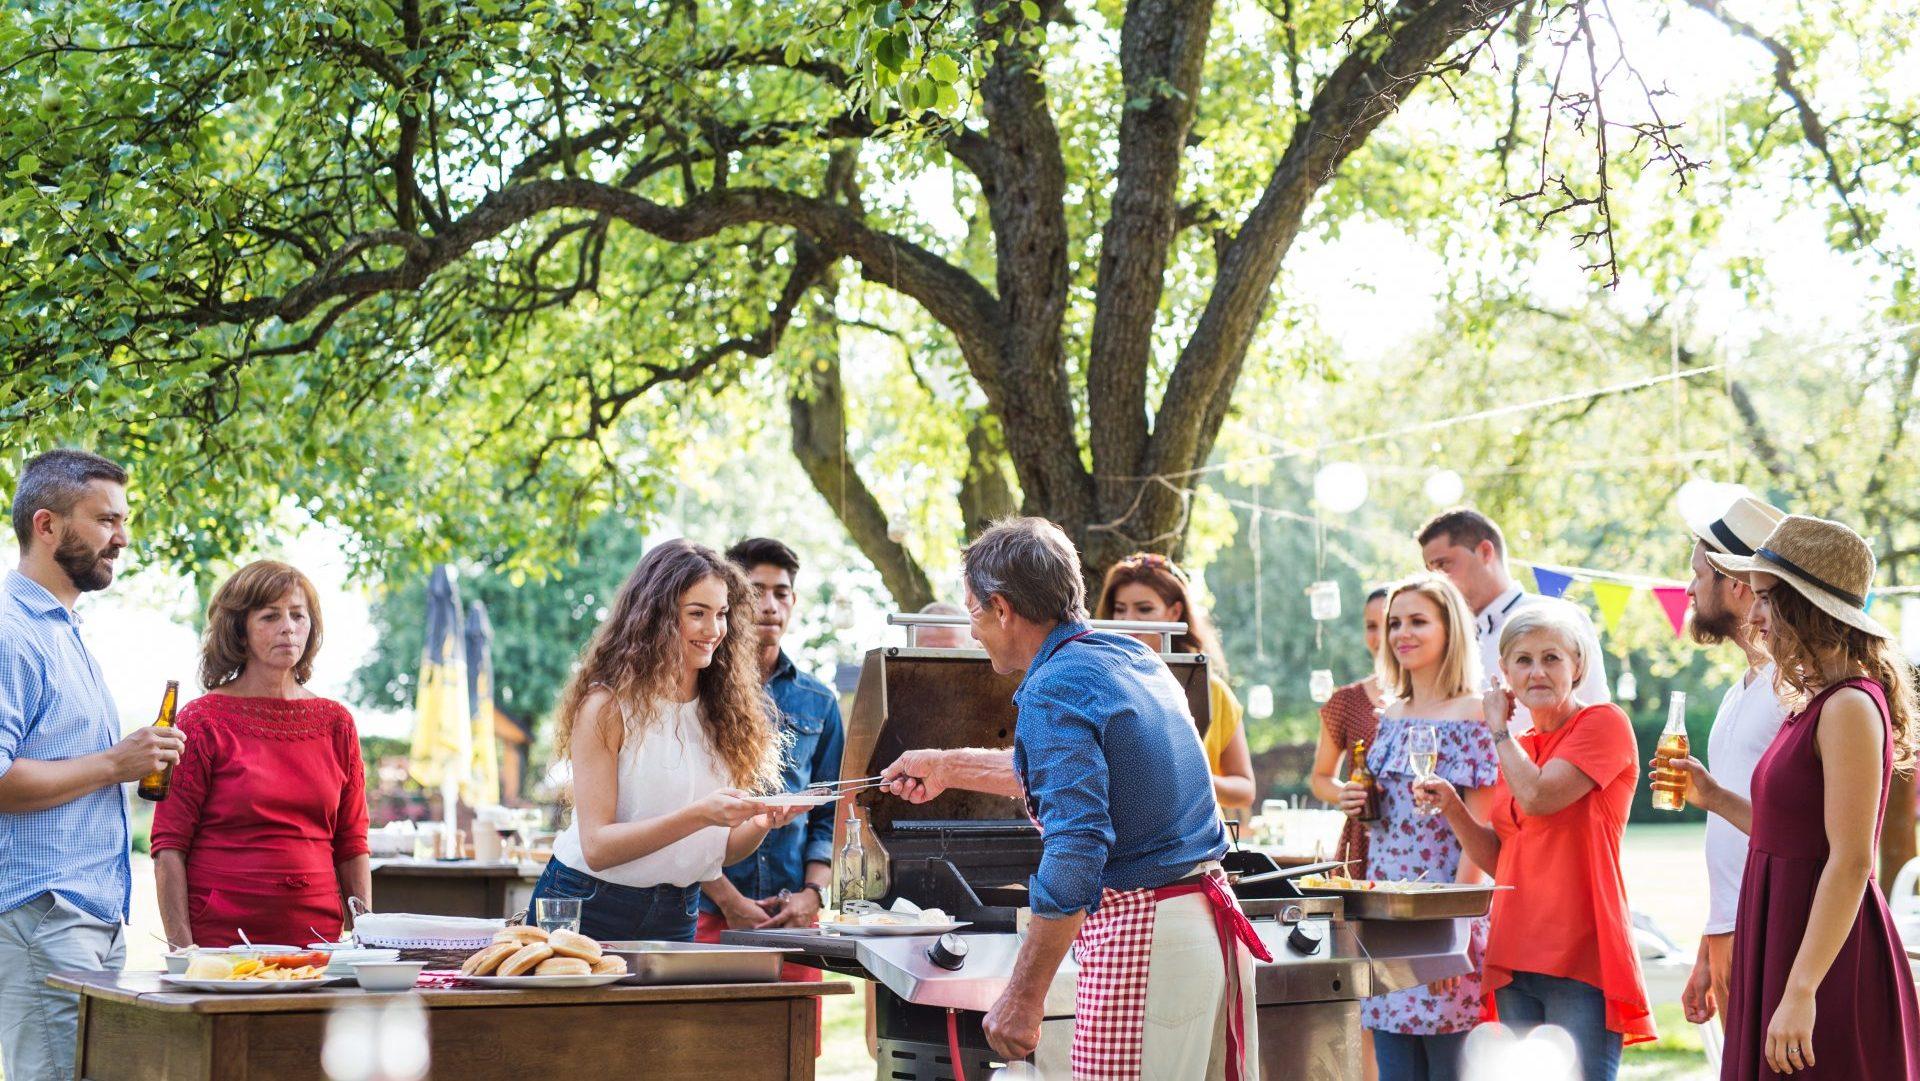 Comité d'entreprise billetterie profitant d'un barbecue dans un parc aventure AccroCamp